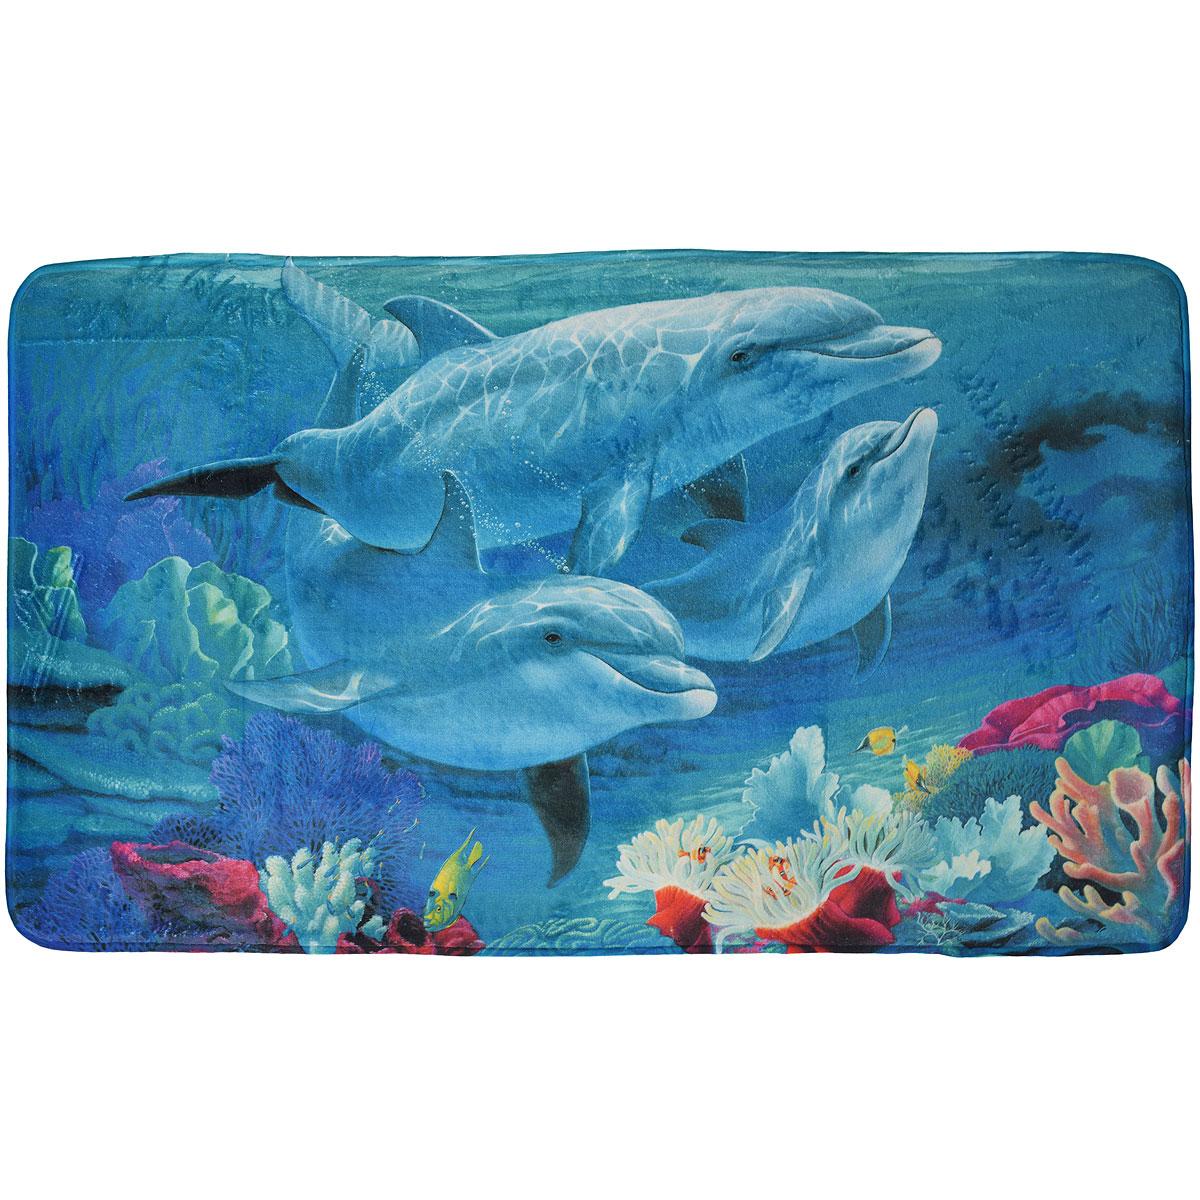 Коврик White Fox Дельфины , 60 х 100 см68/2/2Коврик White Fox Дельфины из серии Relax равномерно распределяет нагрузку на поверхность стопы, снимая напряжение и усталость в ногах. Он состоит из трех слоев: - верхний флисовый слой прекрасно дышит, благодаря чему коврик быстро высыхает;- основной слой выполнен из специального вспененного материала, который точно повторяет рельеф стопы, создает комфорт и полностью восстанавливает первоначальную форму;- нижний резиновый слой препятствуют скольжению коврика на полу. Качественное изделие притягивает взгляд и прекрасно подойдет к интерьеру вашего дома.Можно стирать в стиральной машине при температуре 30°С.